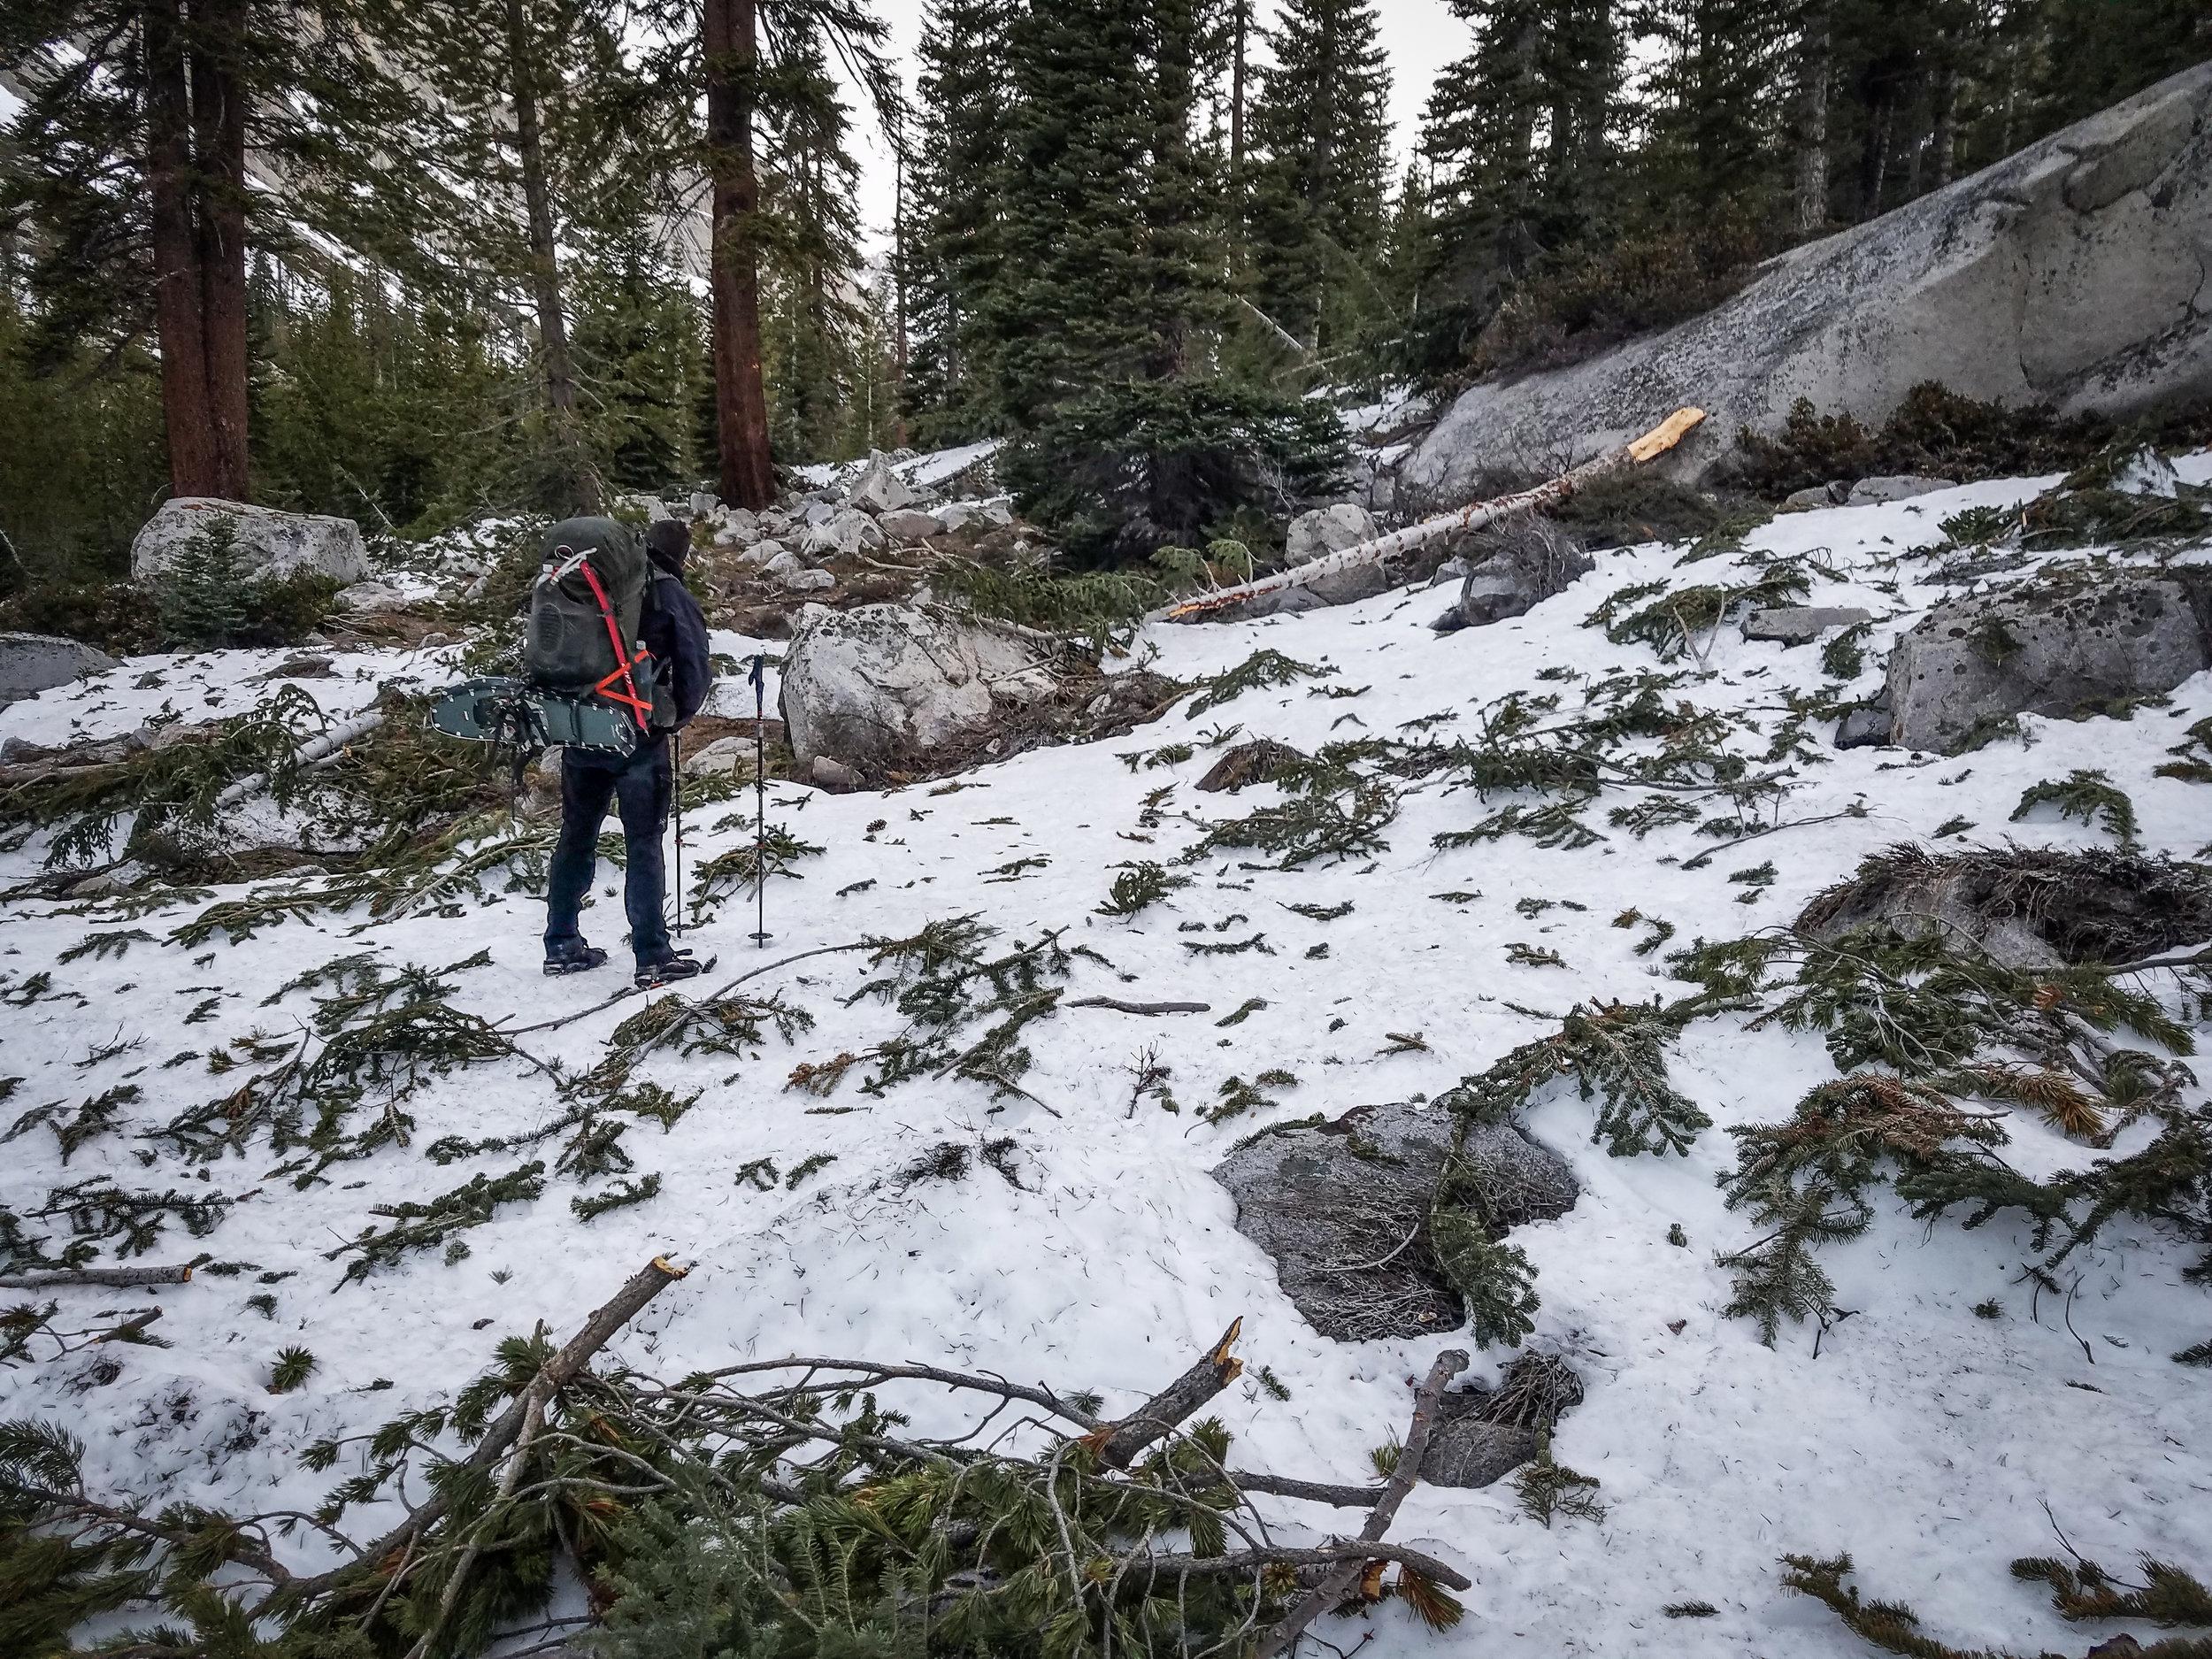 Avalanche debris in Le Conte Canyon.